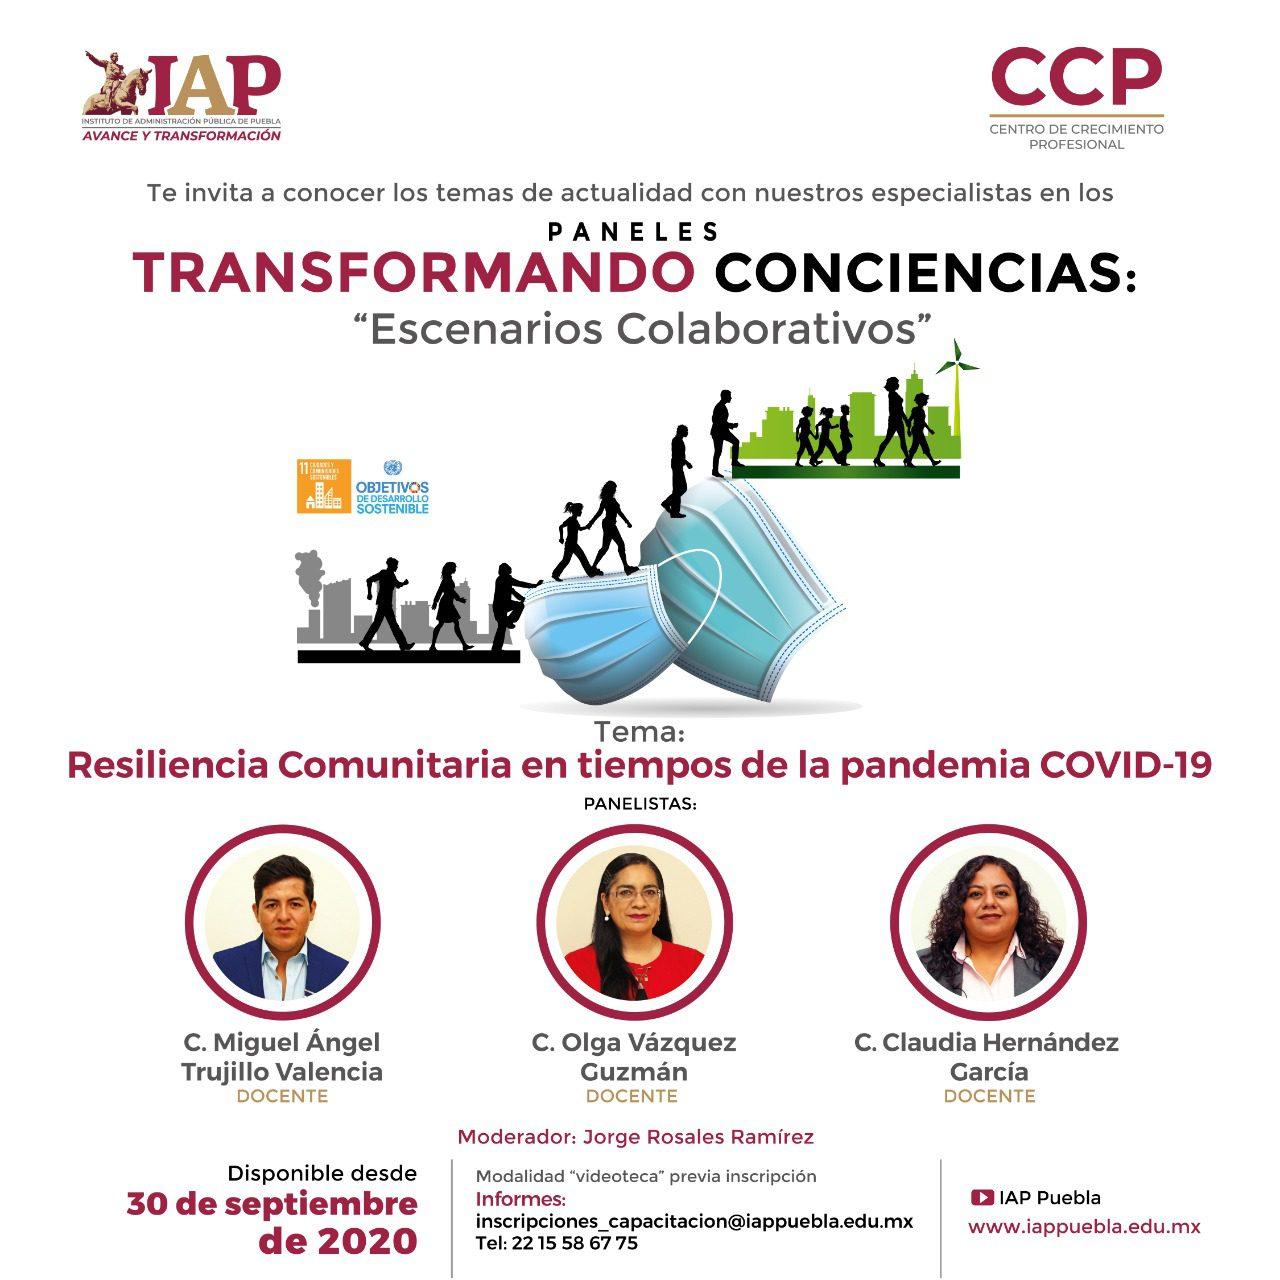 Paneles Transformando Conciencias Escenarios Colaborativos